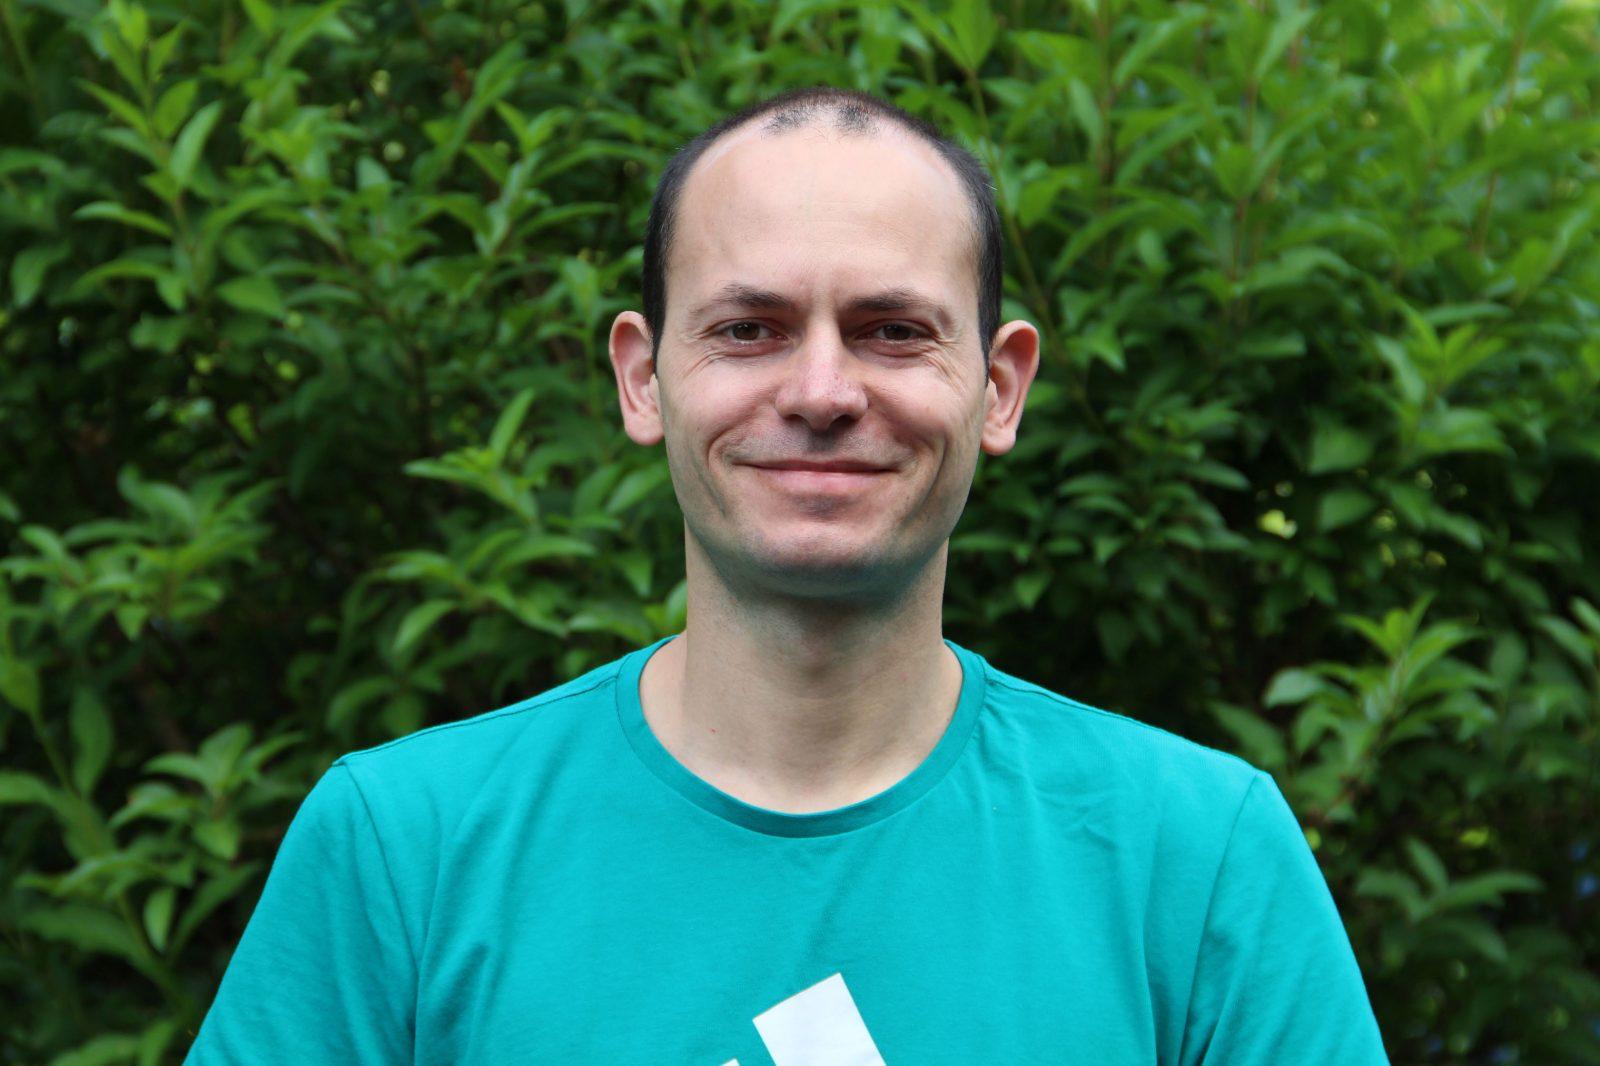 Waldemar Barbe